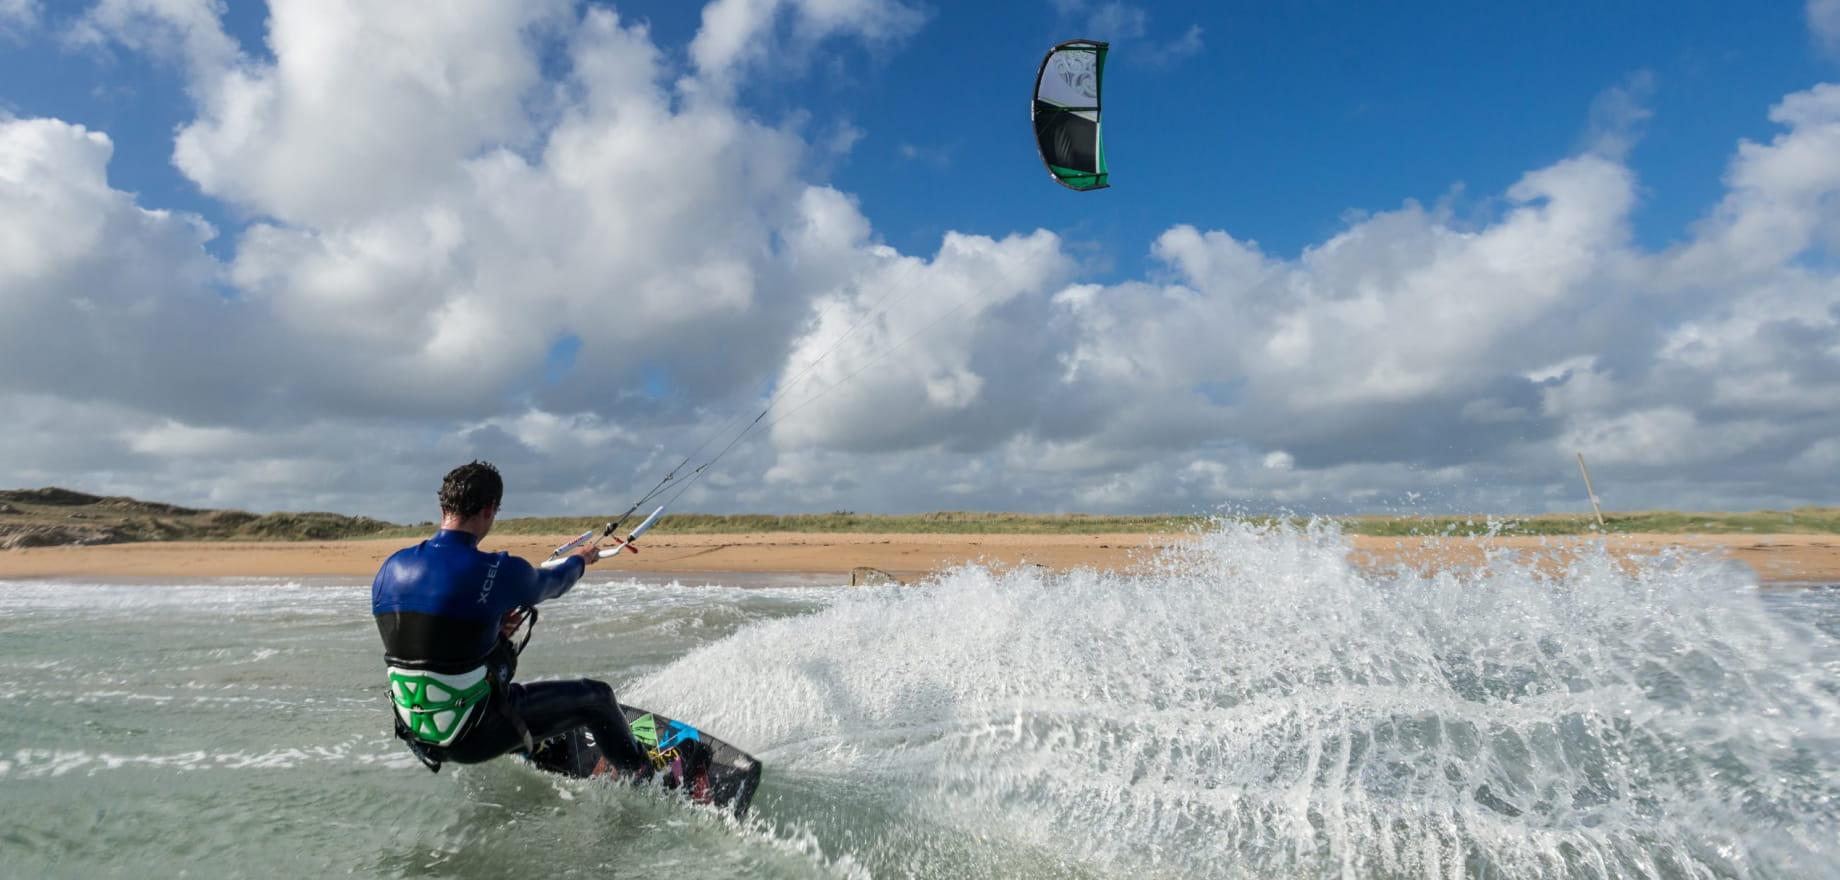 kitsurfeur Etienne Lhote